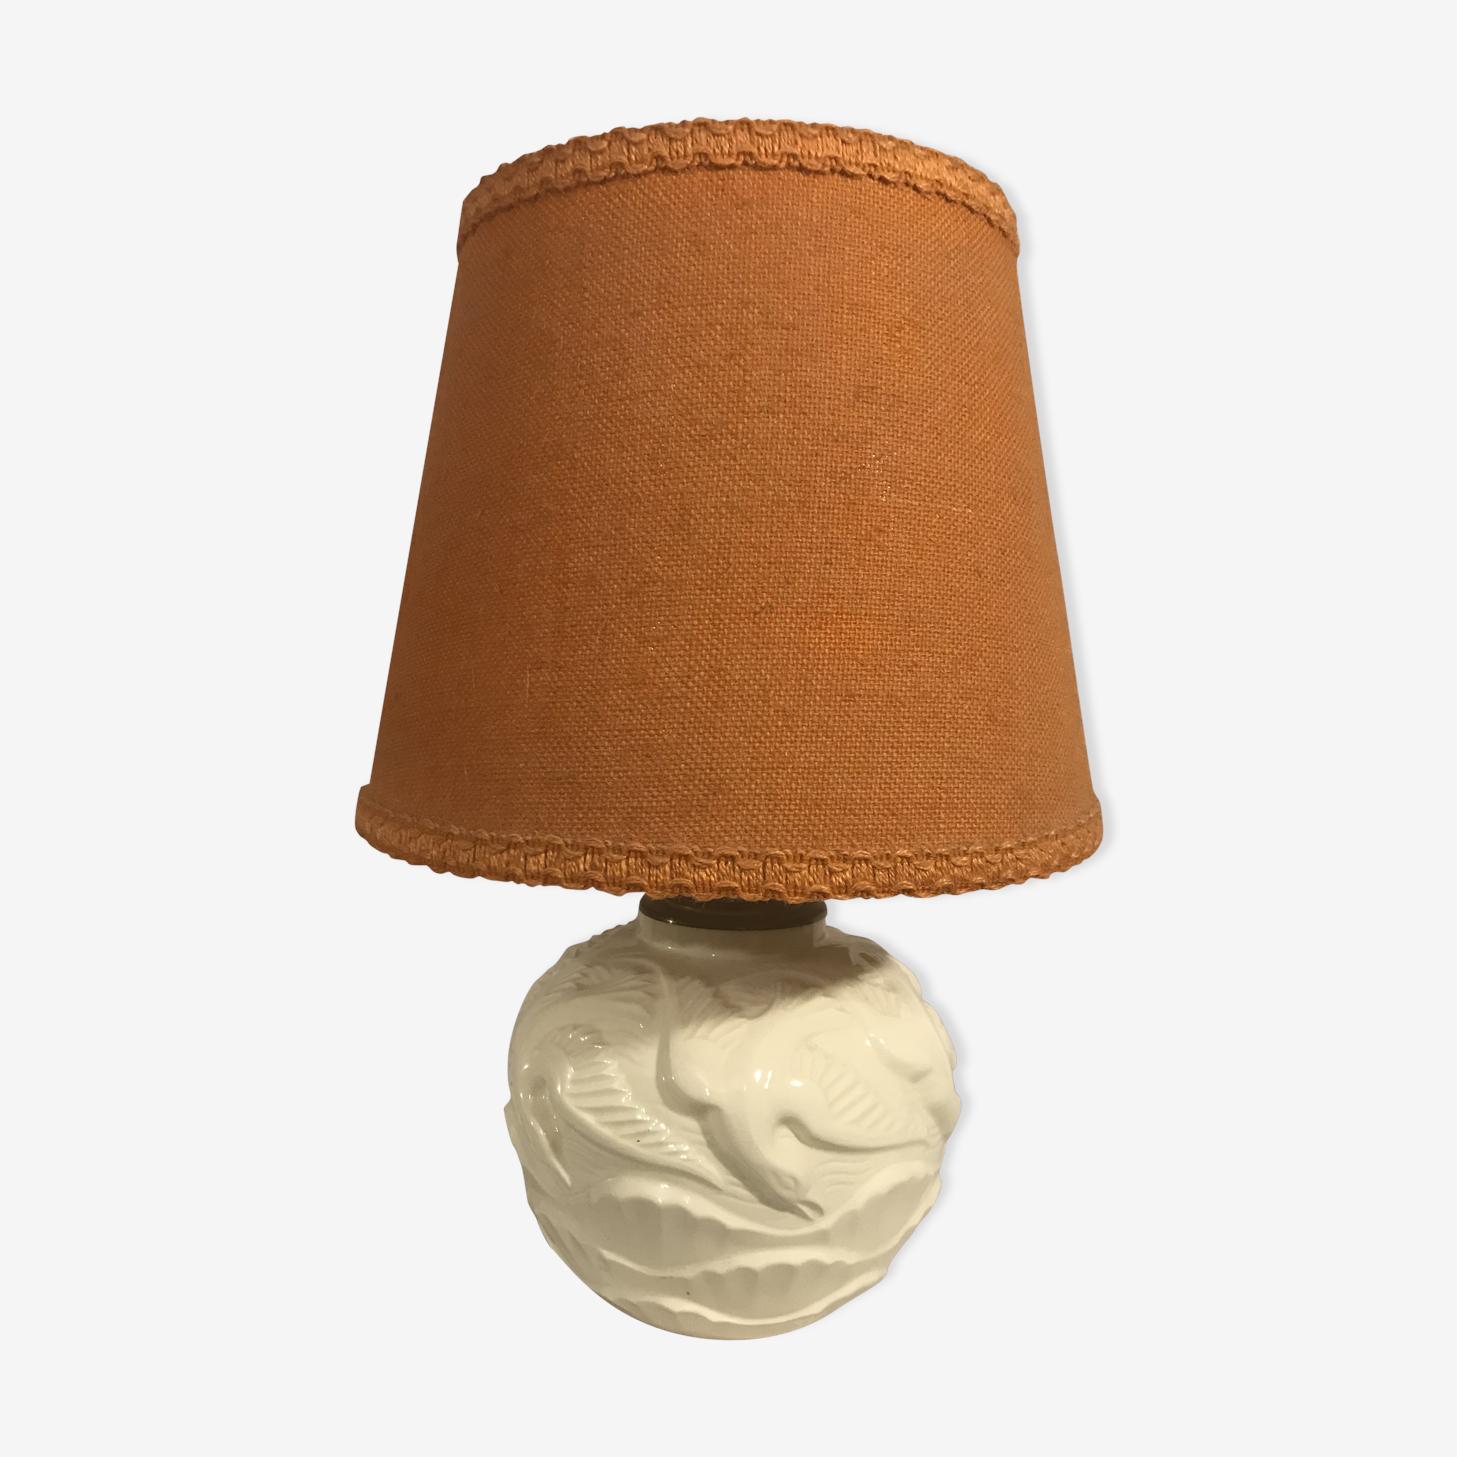 Old vase art deco ceramic cream ball lamp